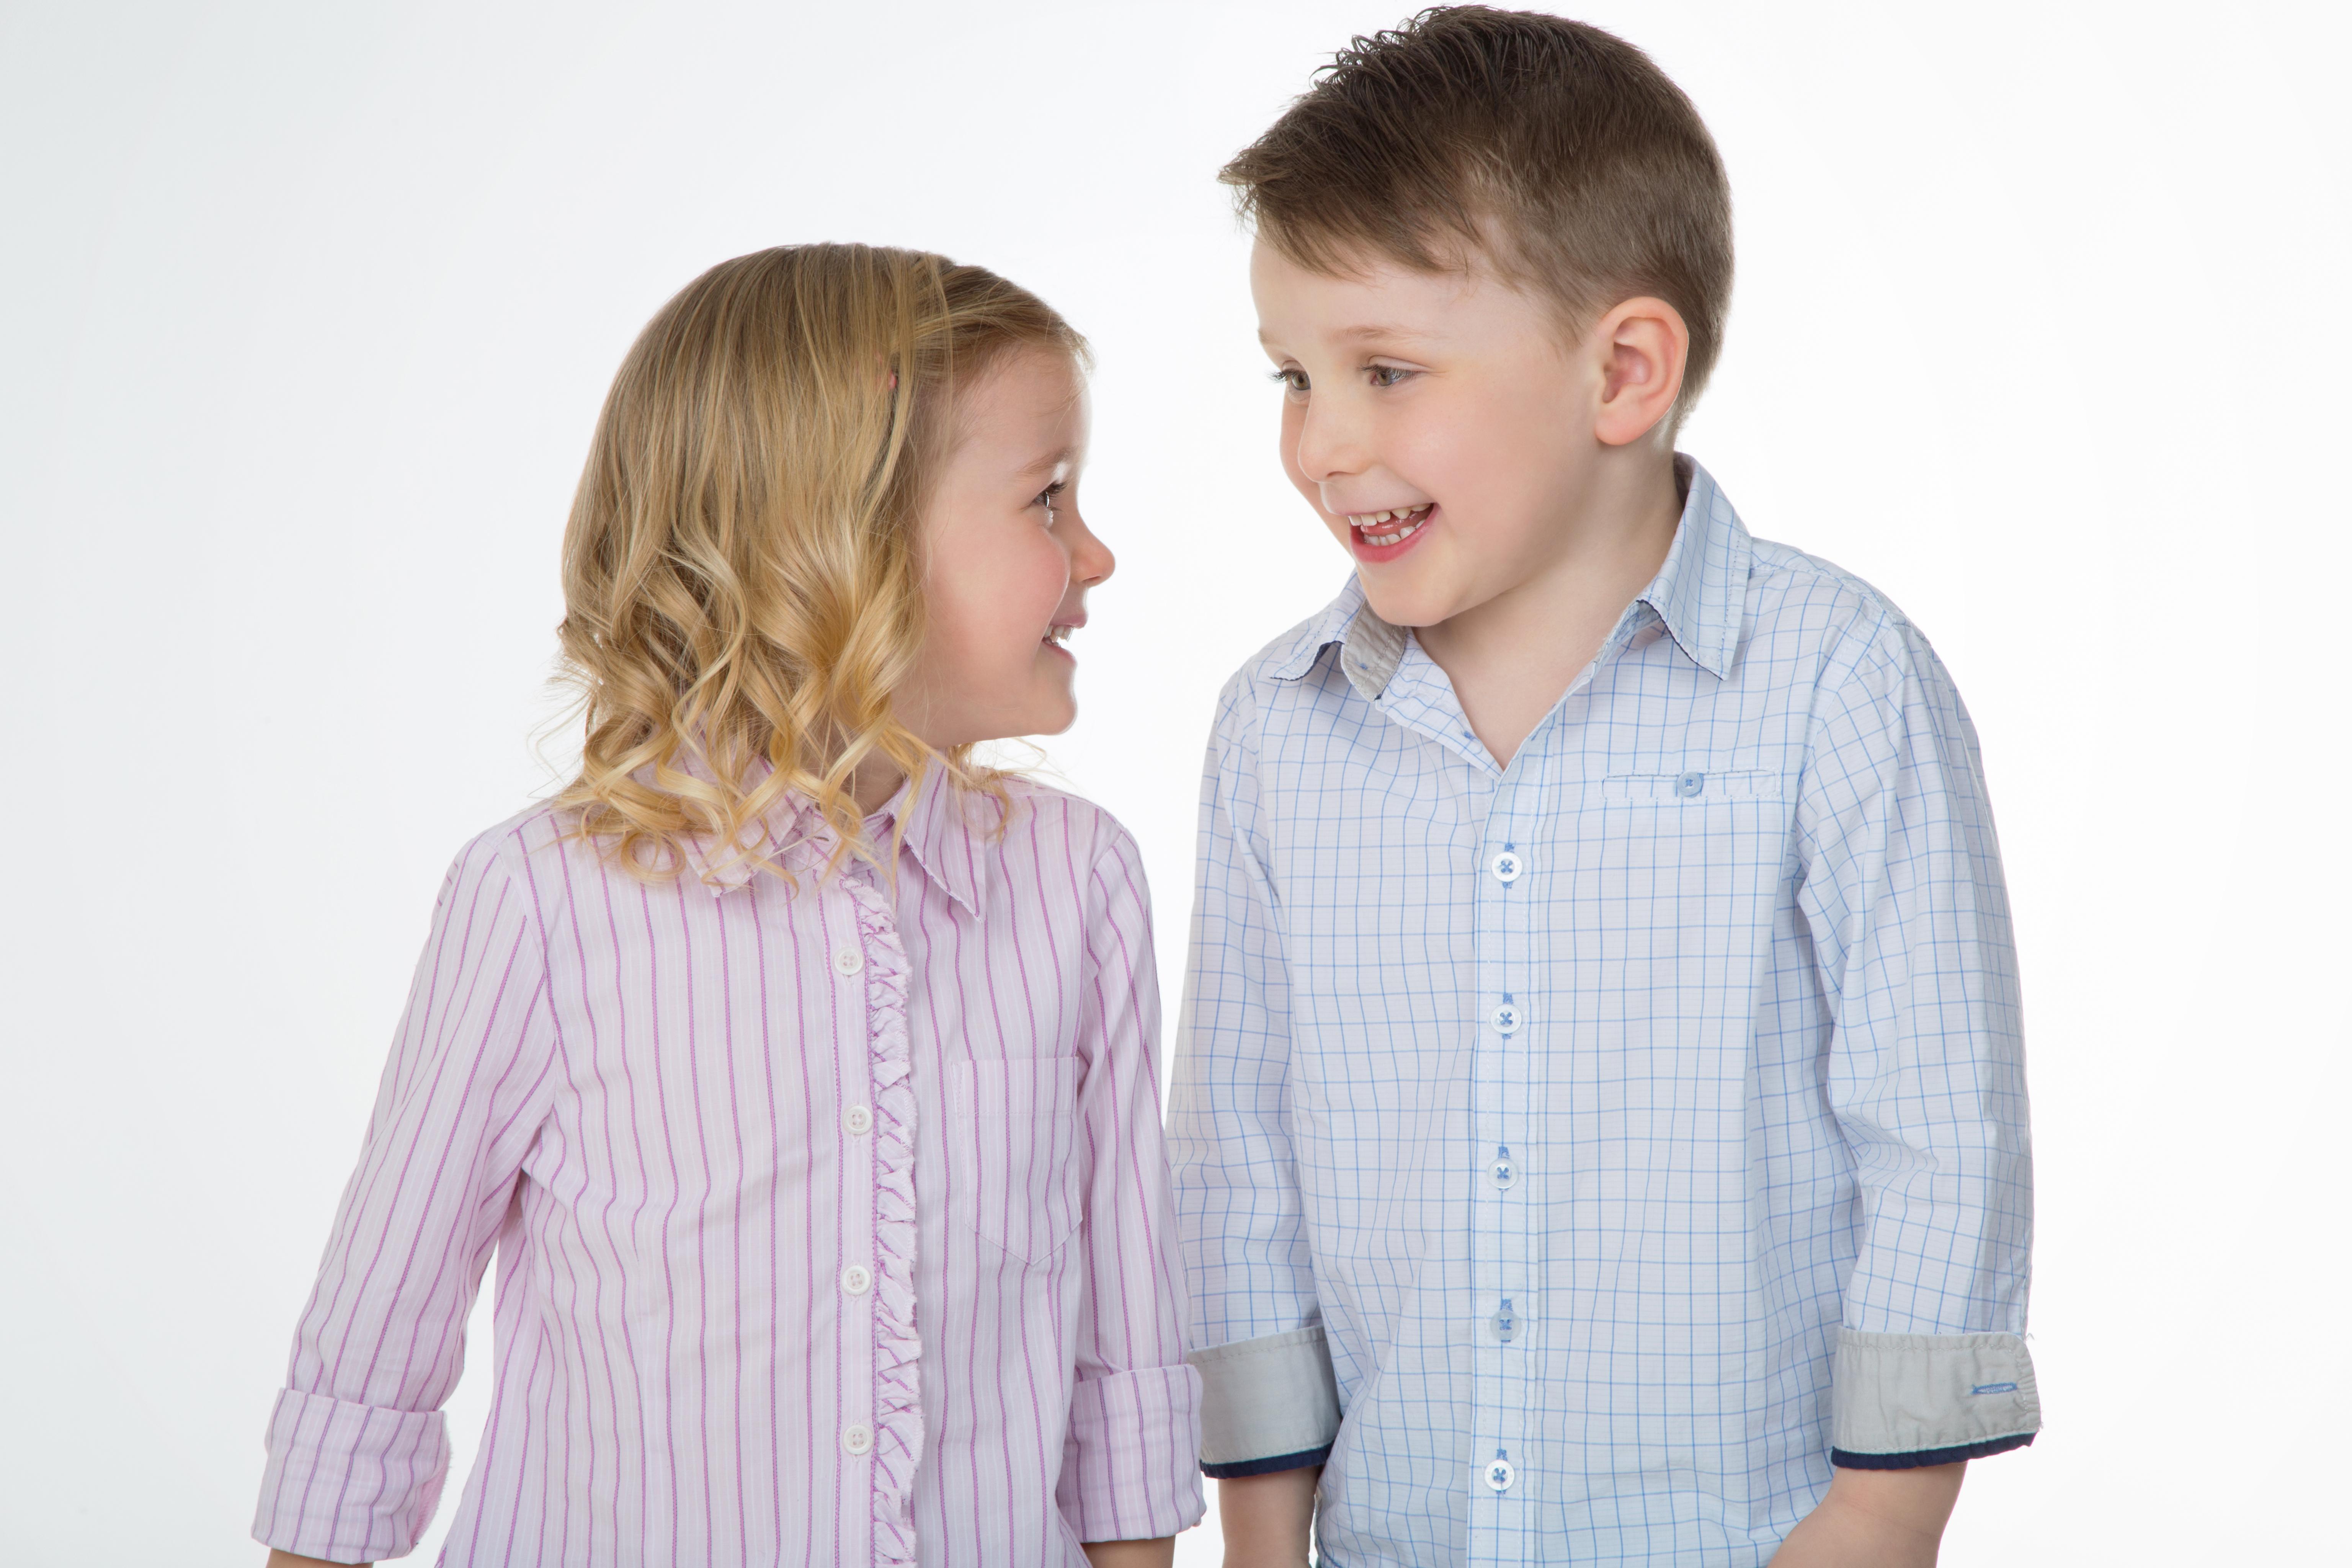 笑顔で見つめ合う男の子と女の子